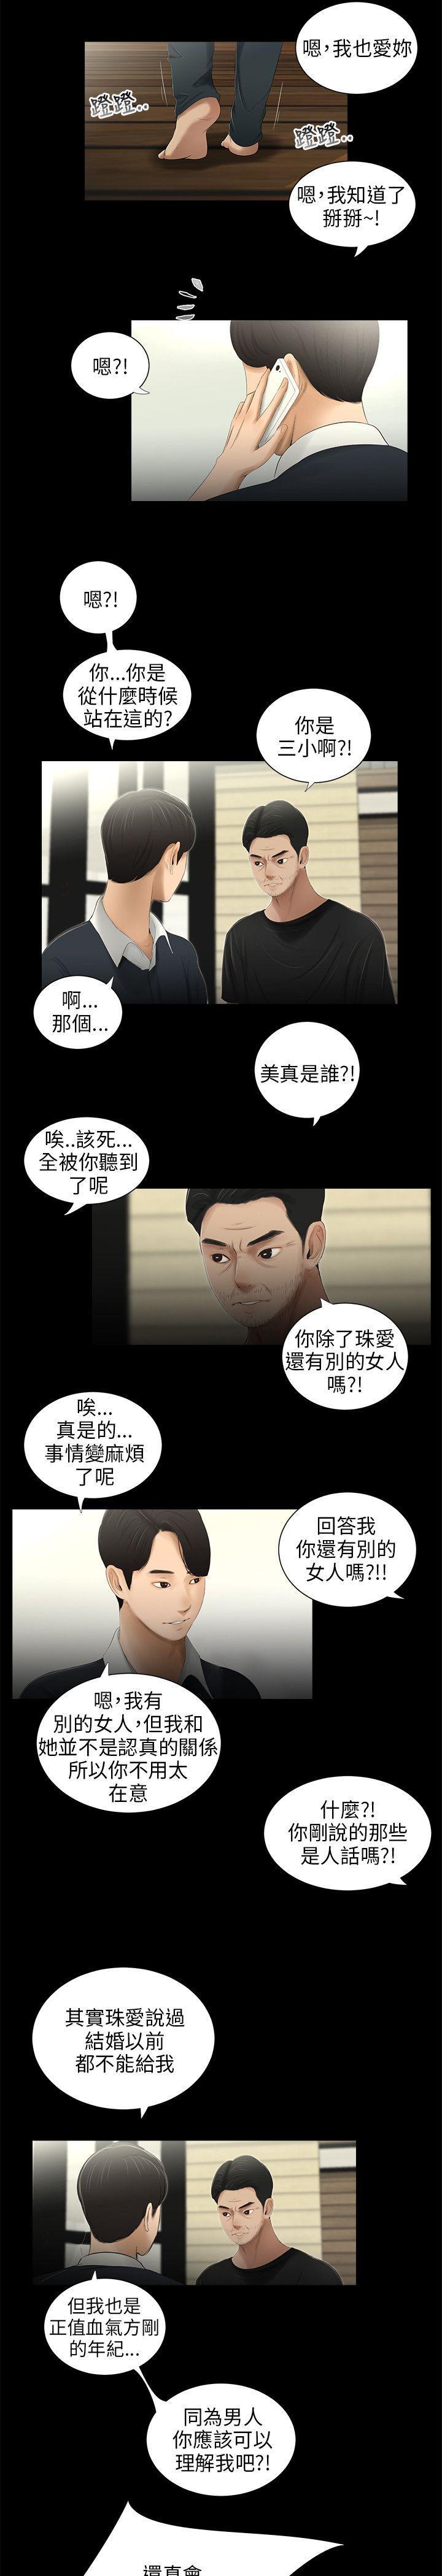 三姐妹 47-50 Chinese 52